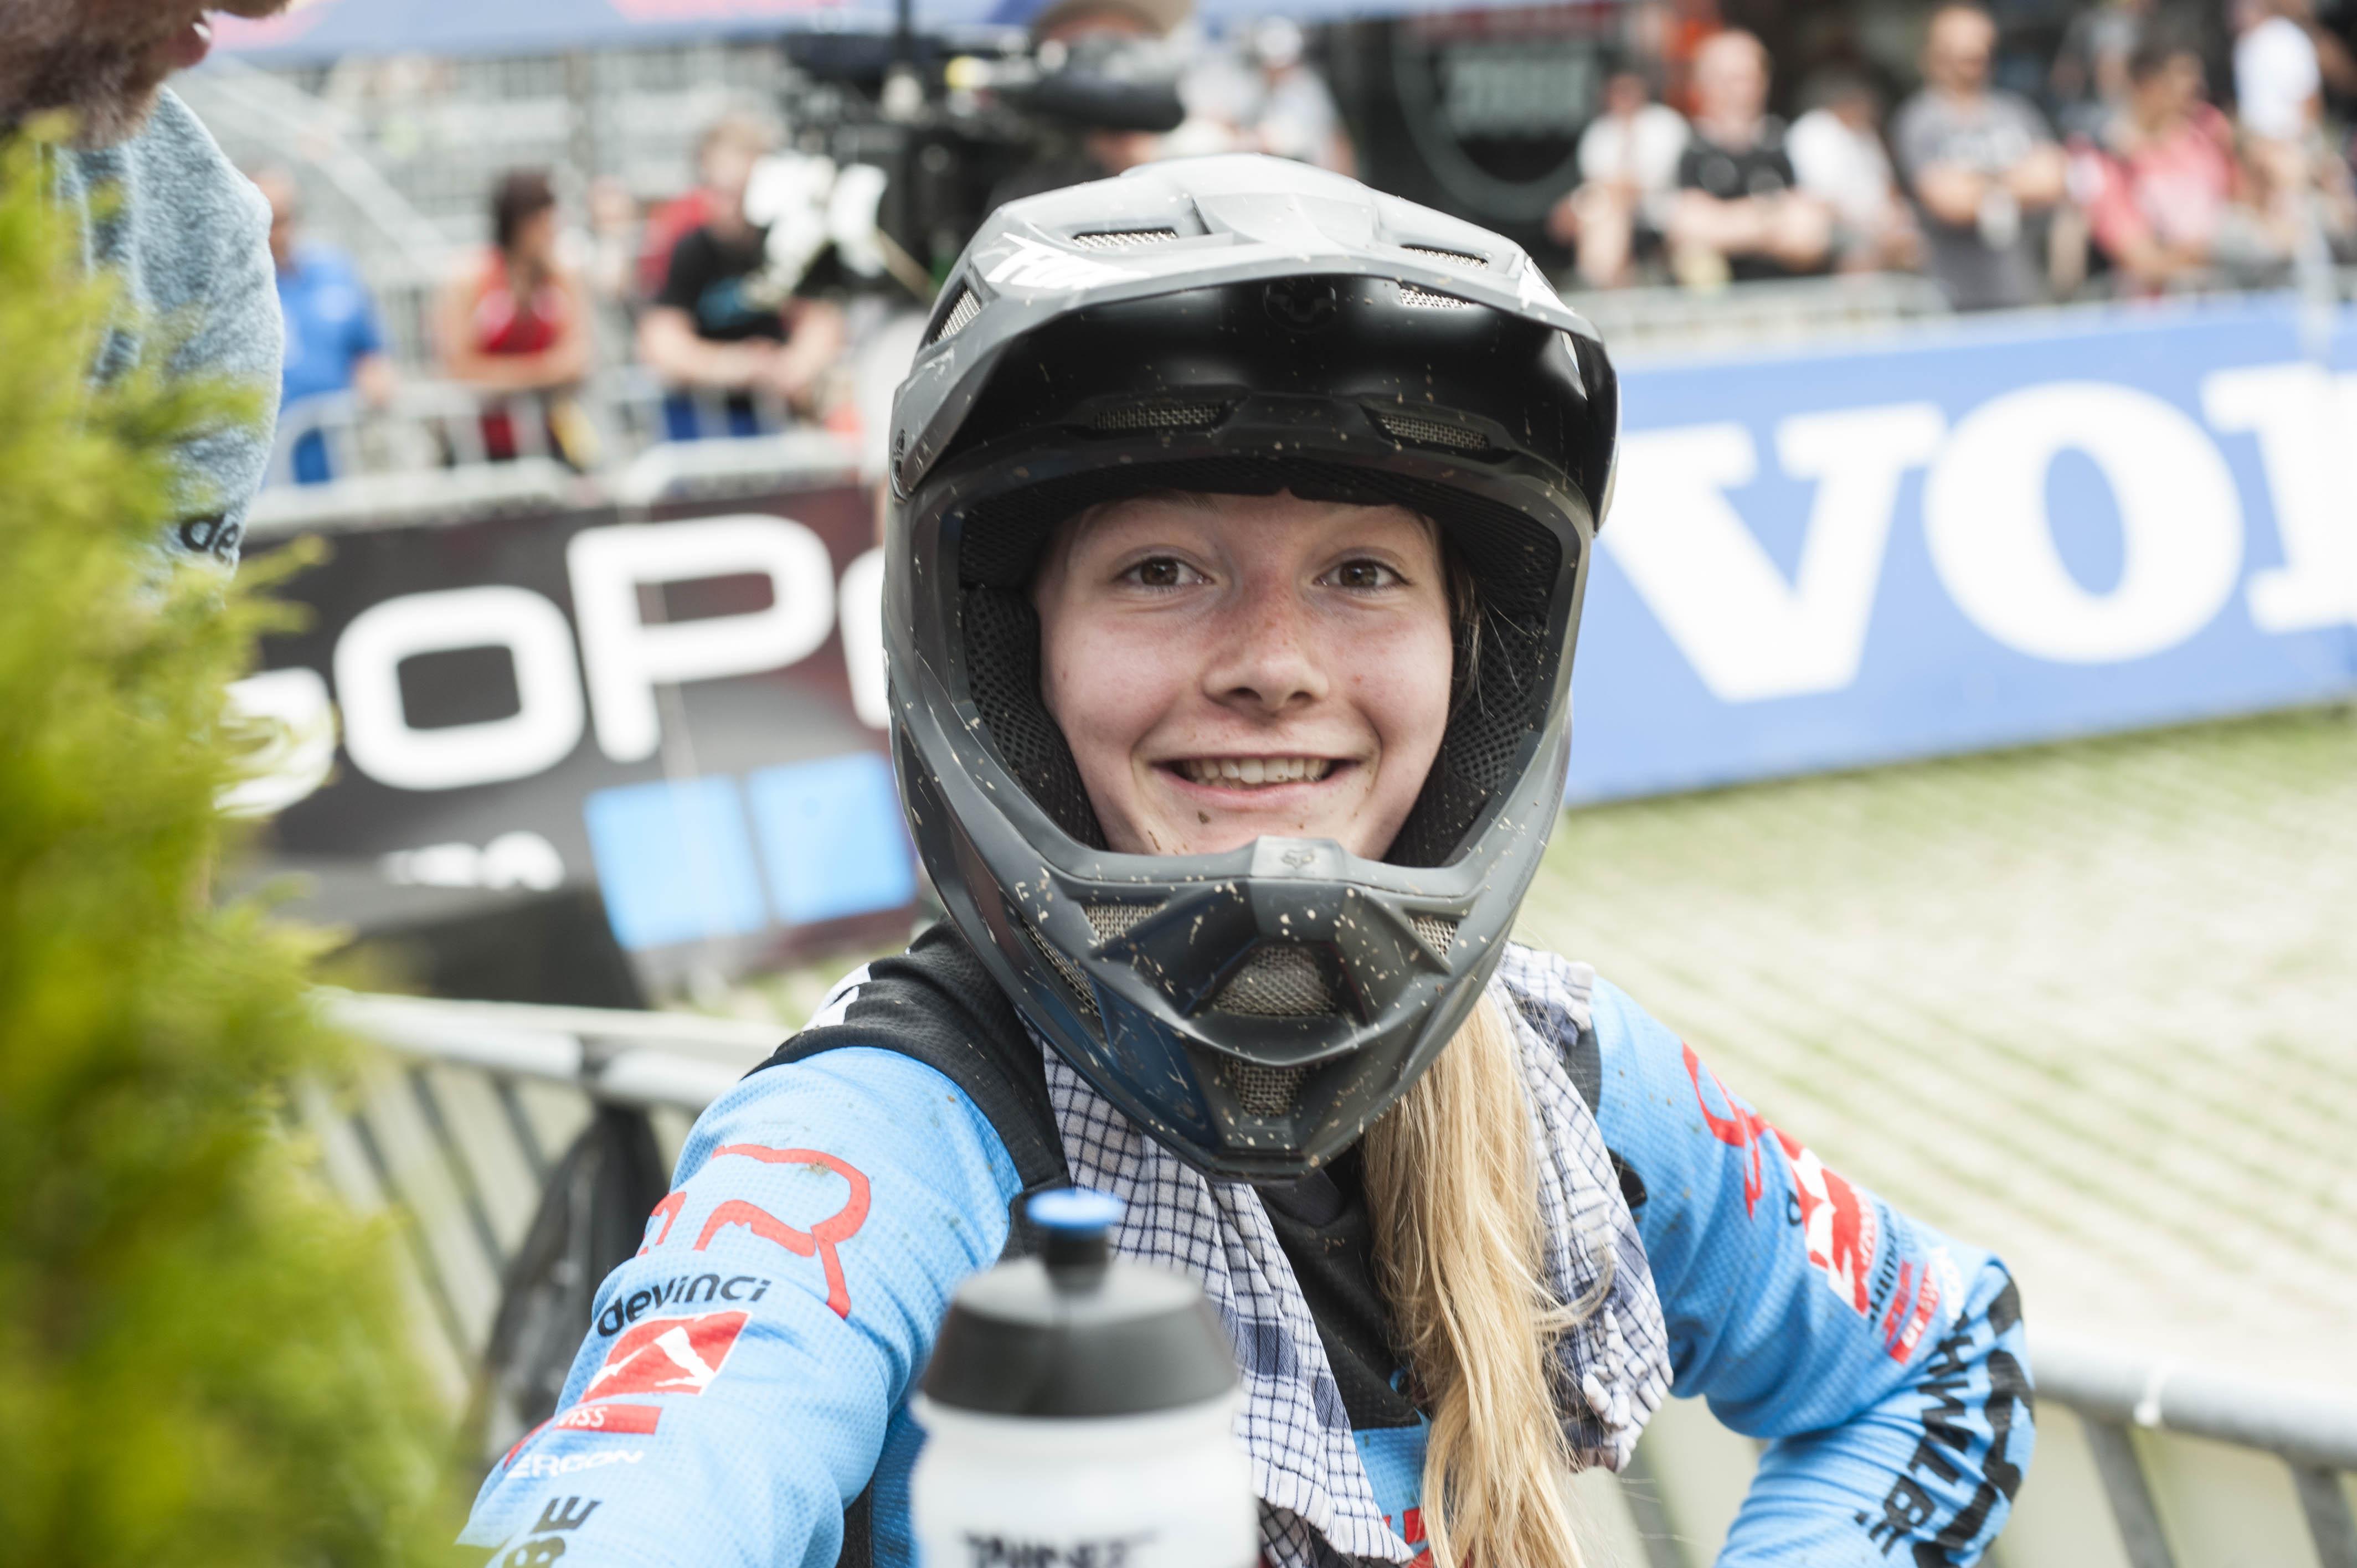 Tahnée Seagrave freut sich über ihren dritten Platz.